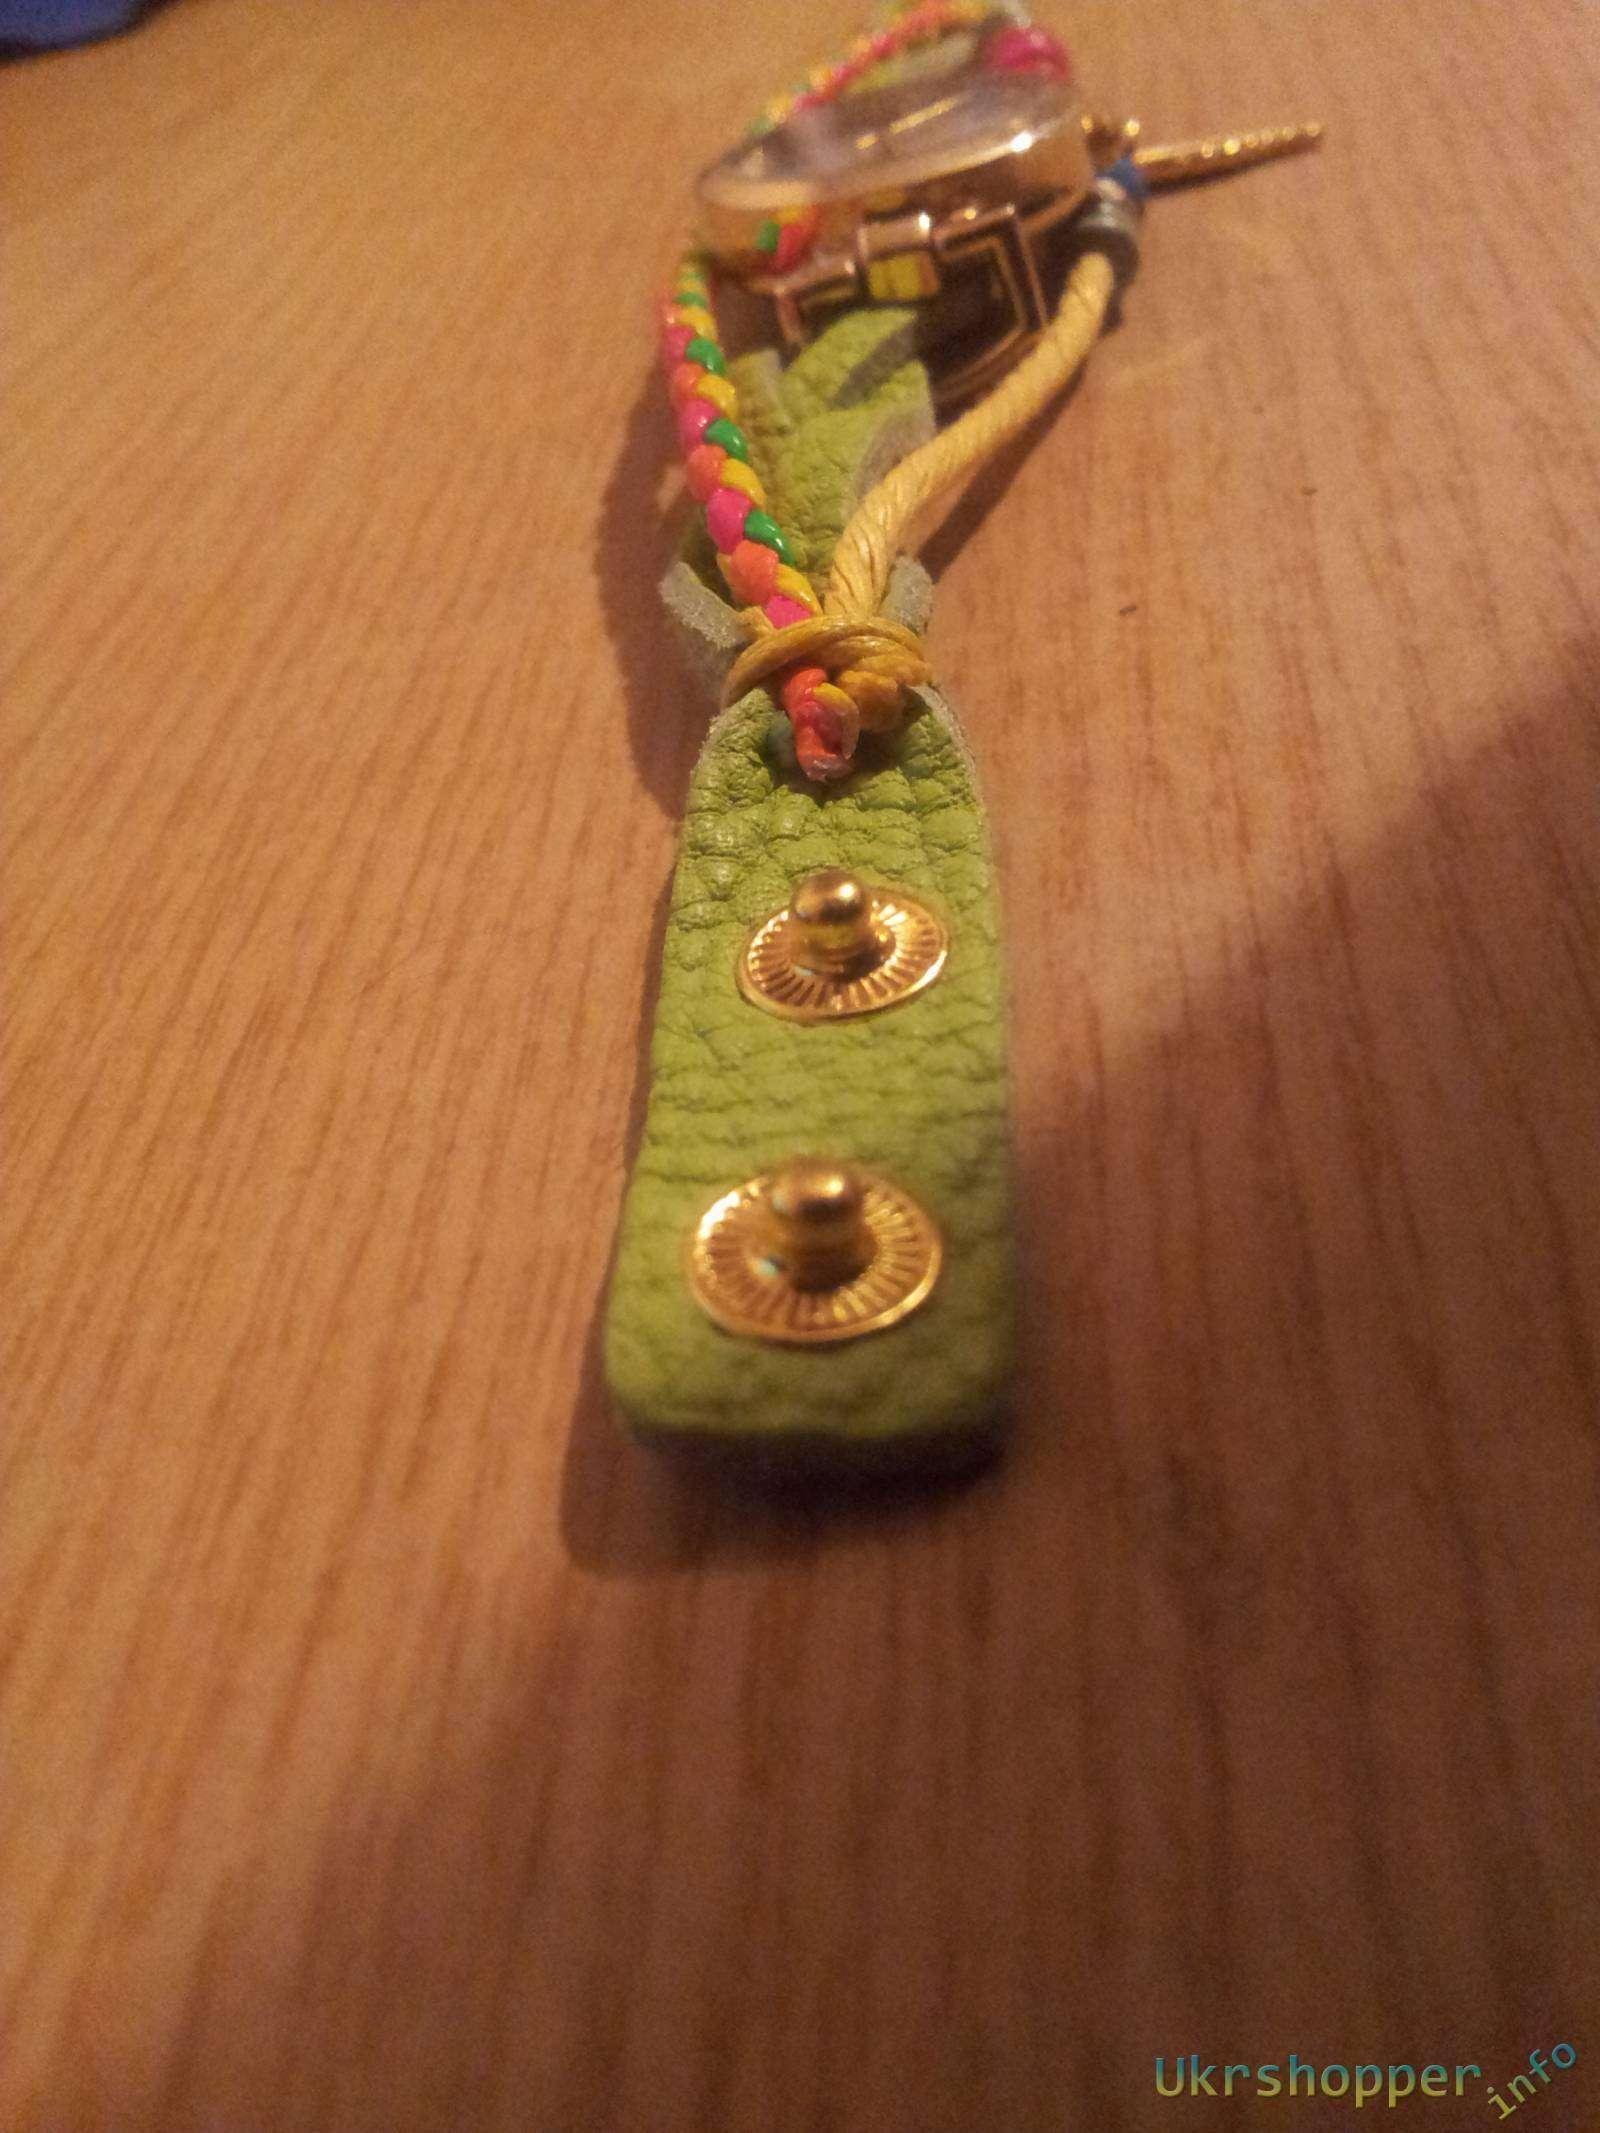 Comebuy.com: Молодежные кварцевые часы с фенечками или привет из Франции